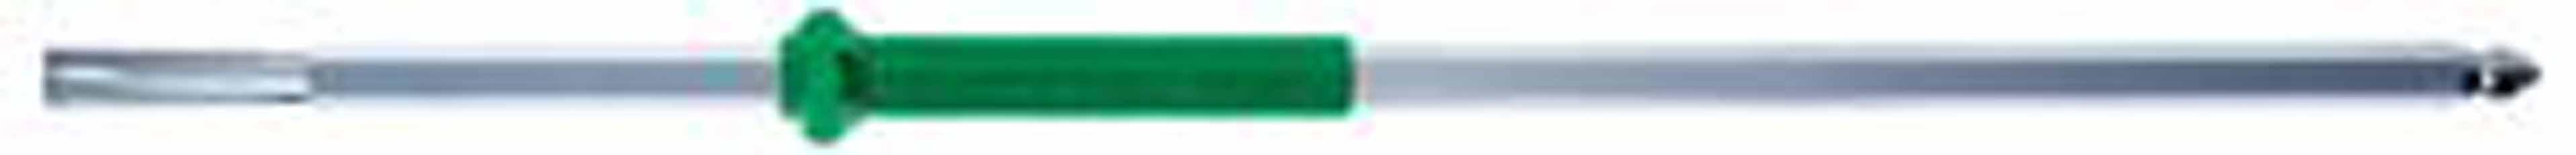 Zeskantstiftsleutel Torx T8 WIHA 26066